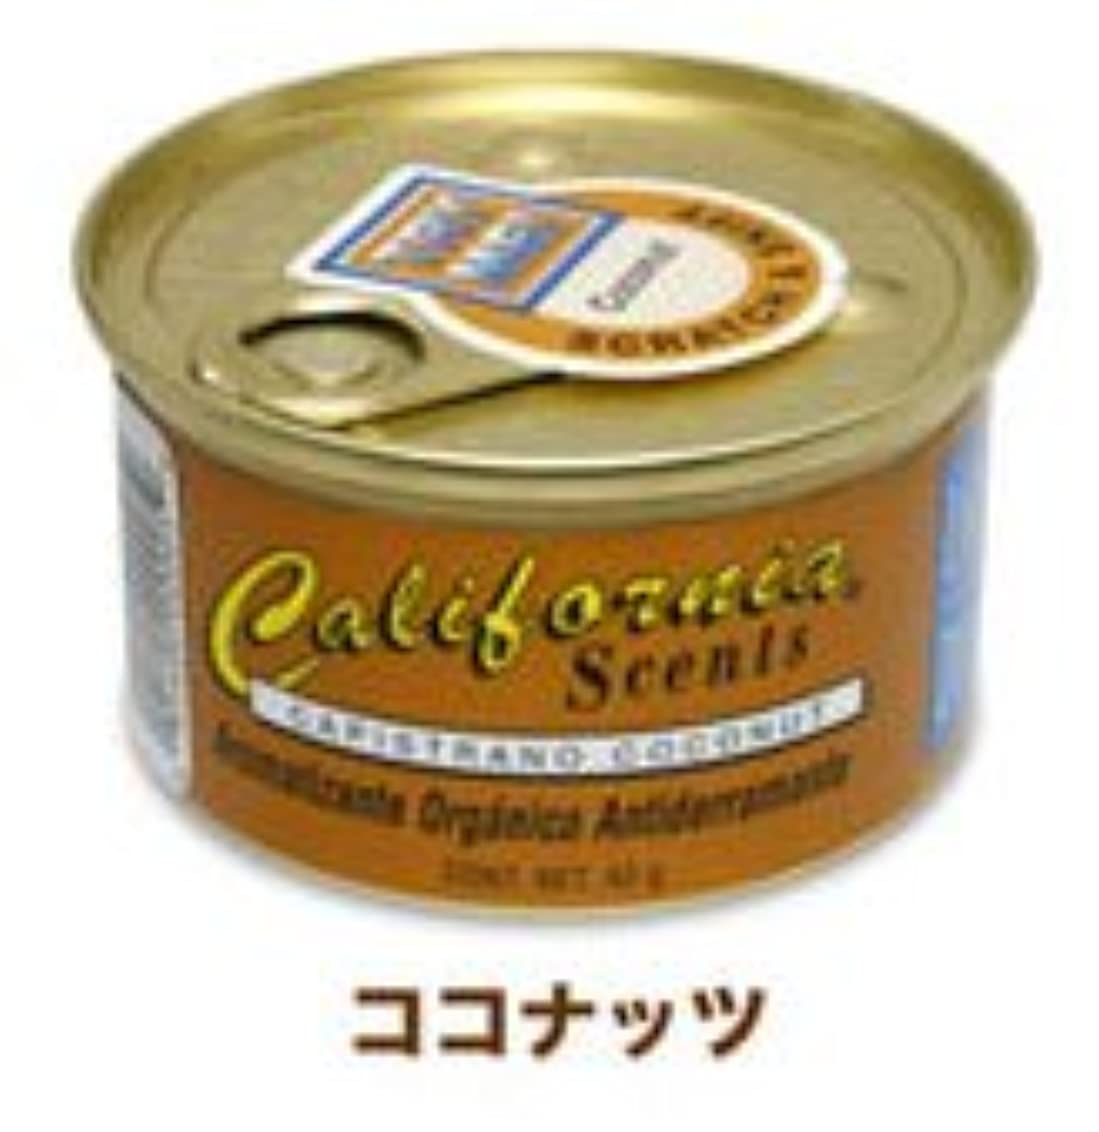 まもなくクラブ東【California Scents】カリフォルニアセンツ?スピルプルーフオーガニック カピストラーノ ココナッツ